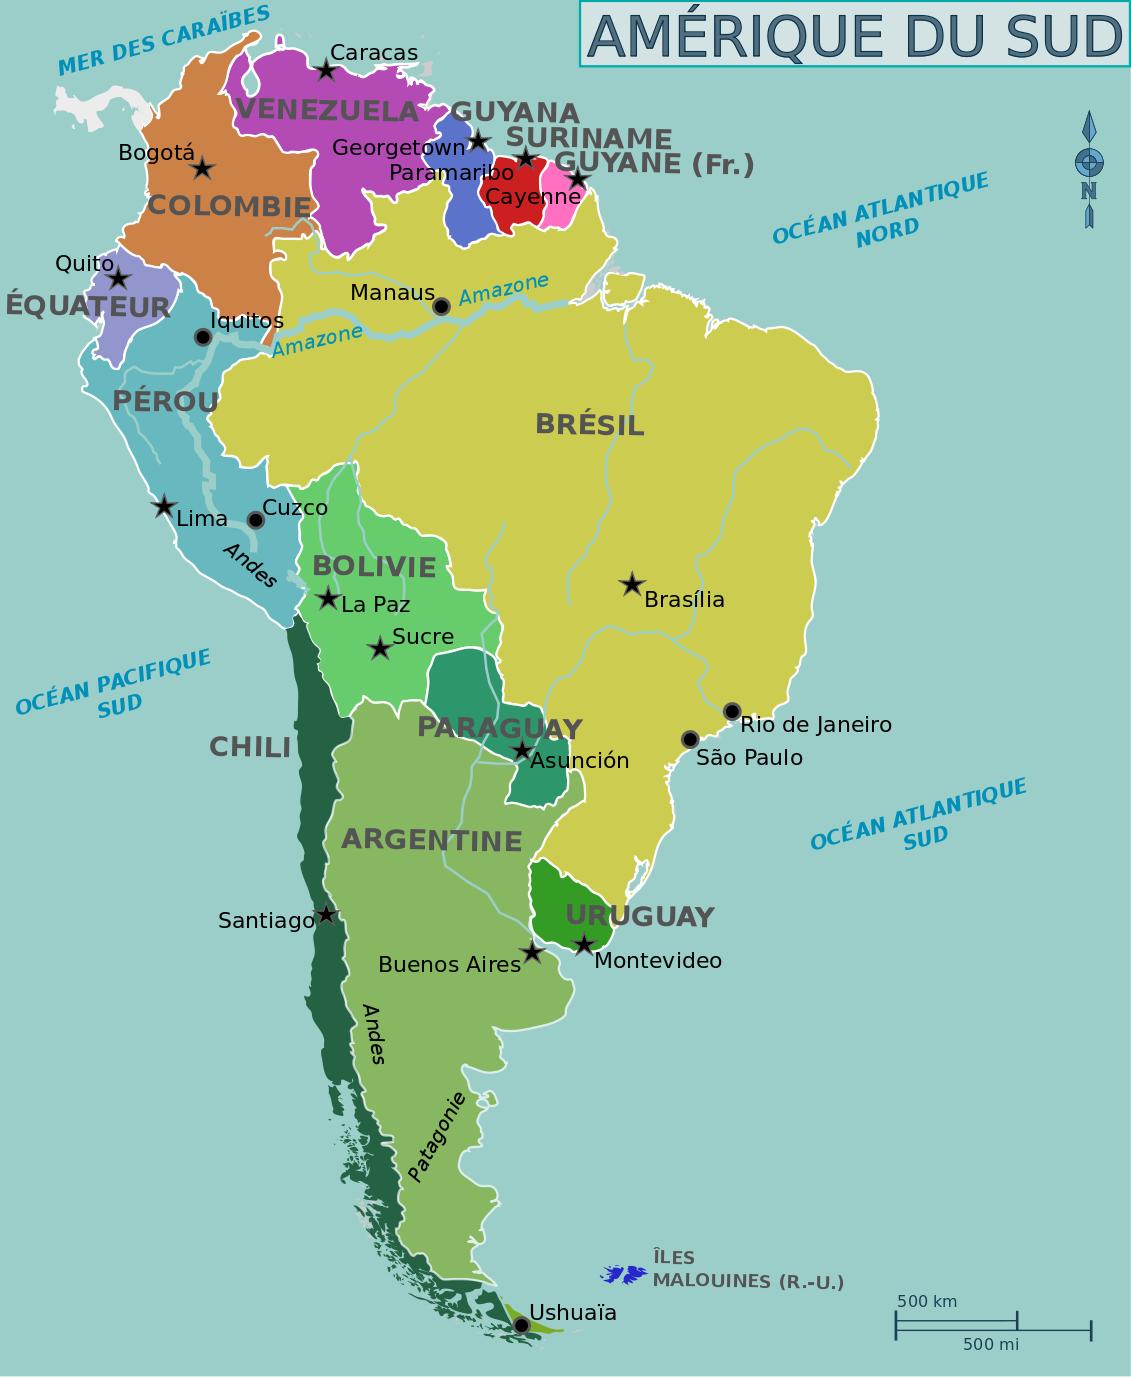 Une Carte De Lamerique Du Sud.File Map Of South America Fr Png Wikimedia Commons